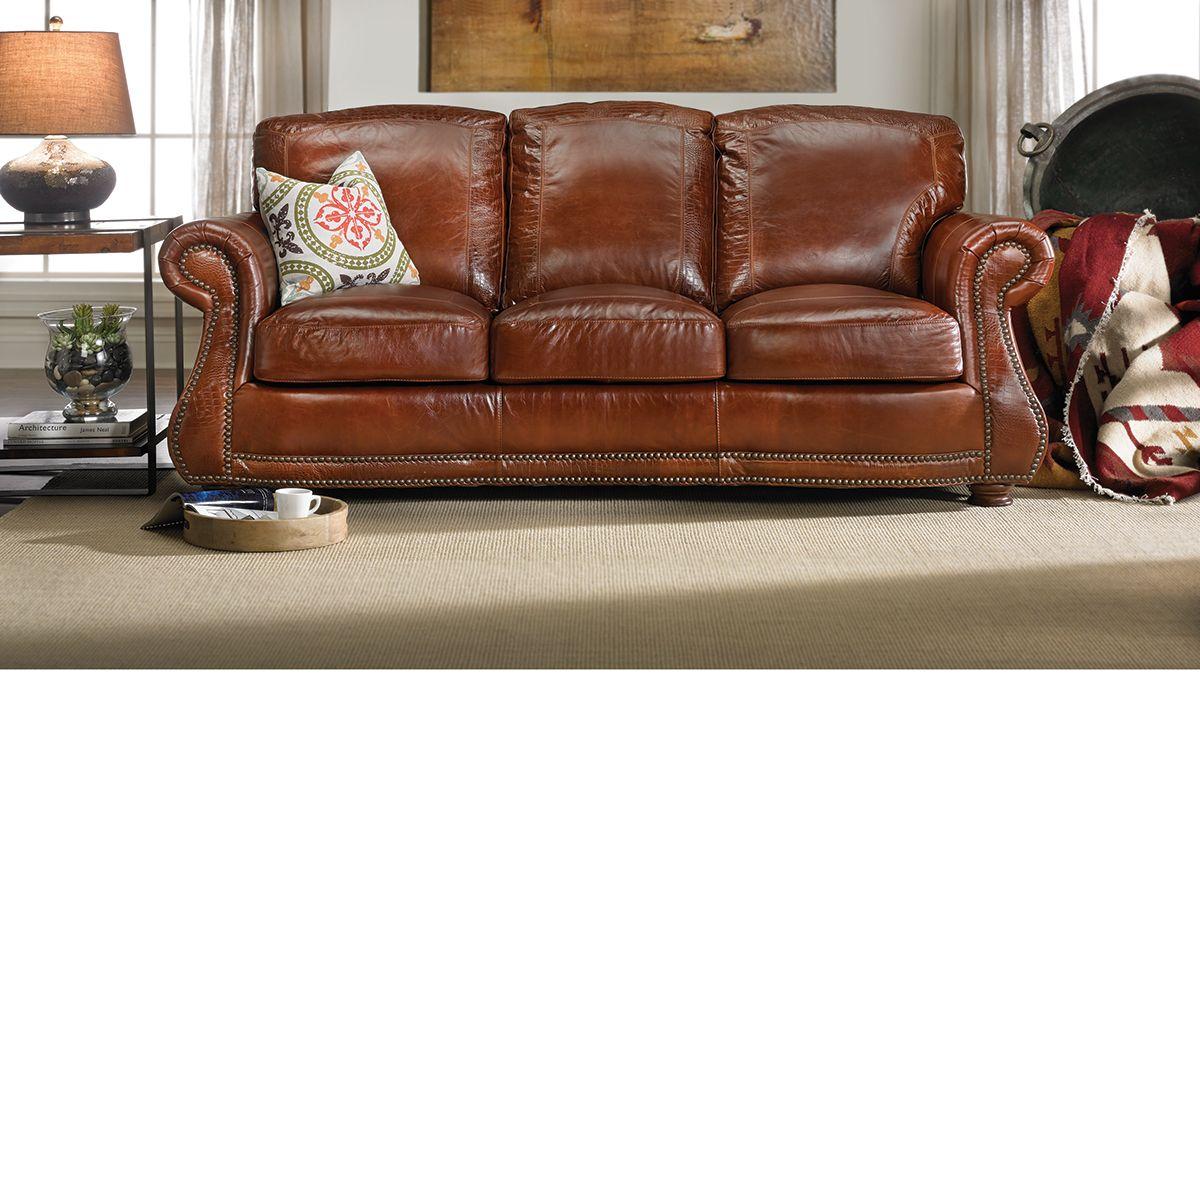 Null Luxe Furniture America Furniture Furniture